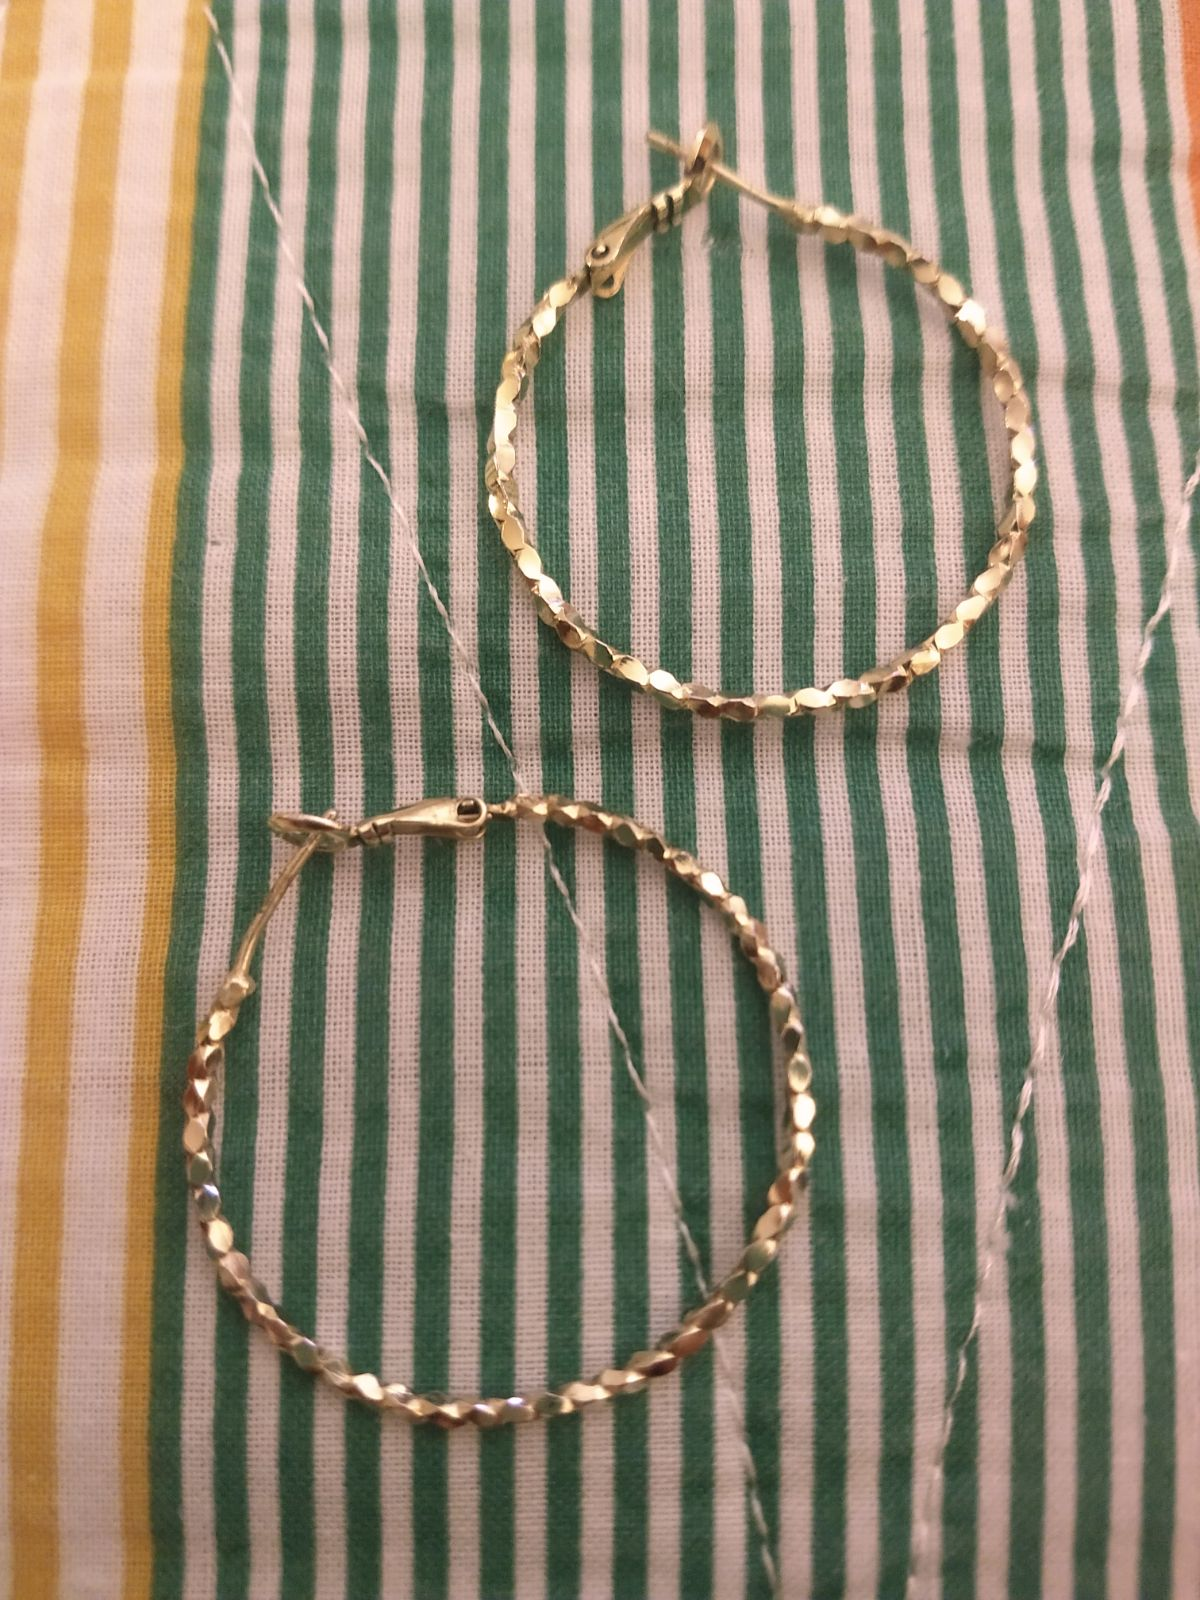 Gold Nugget Hoop Earrings